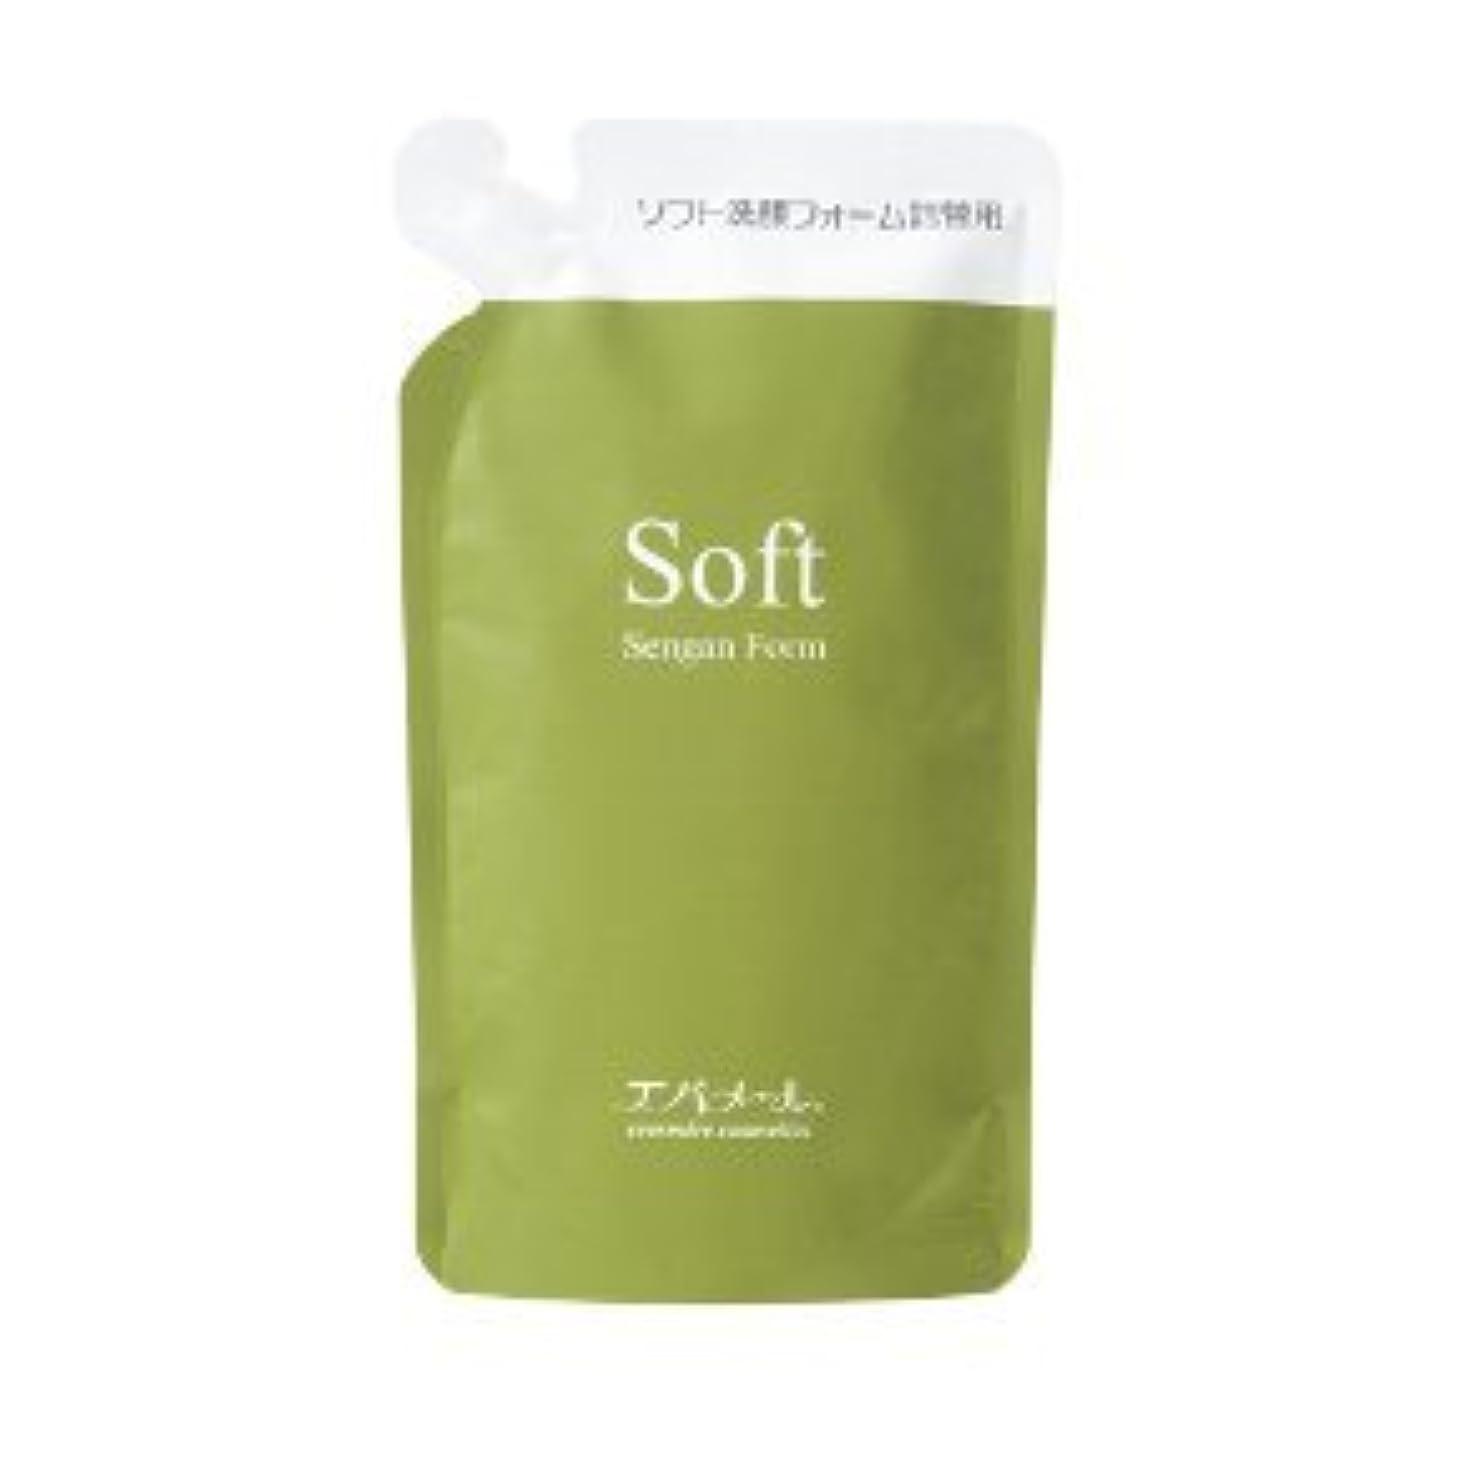 ドキドキ液化する磁石エバメール ソフト洗顔フォーム 200ml レフィル